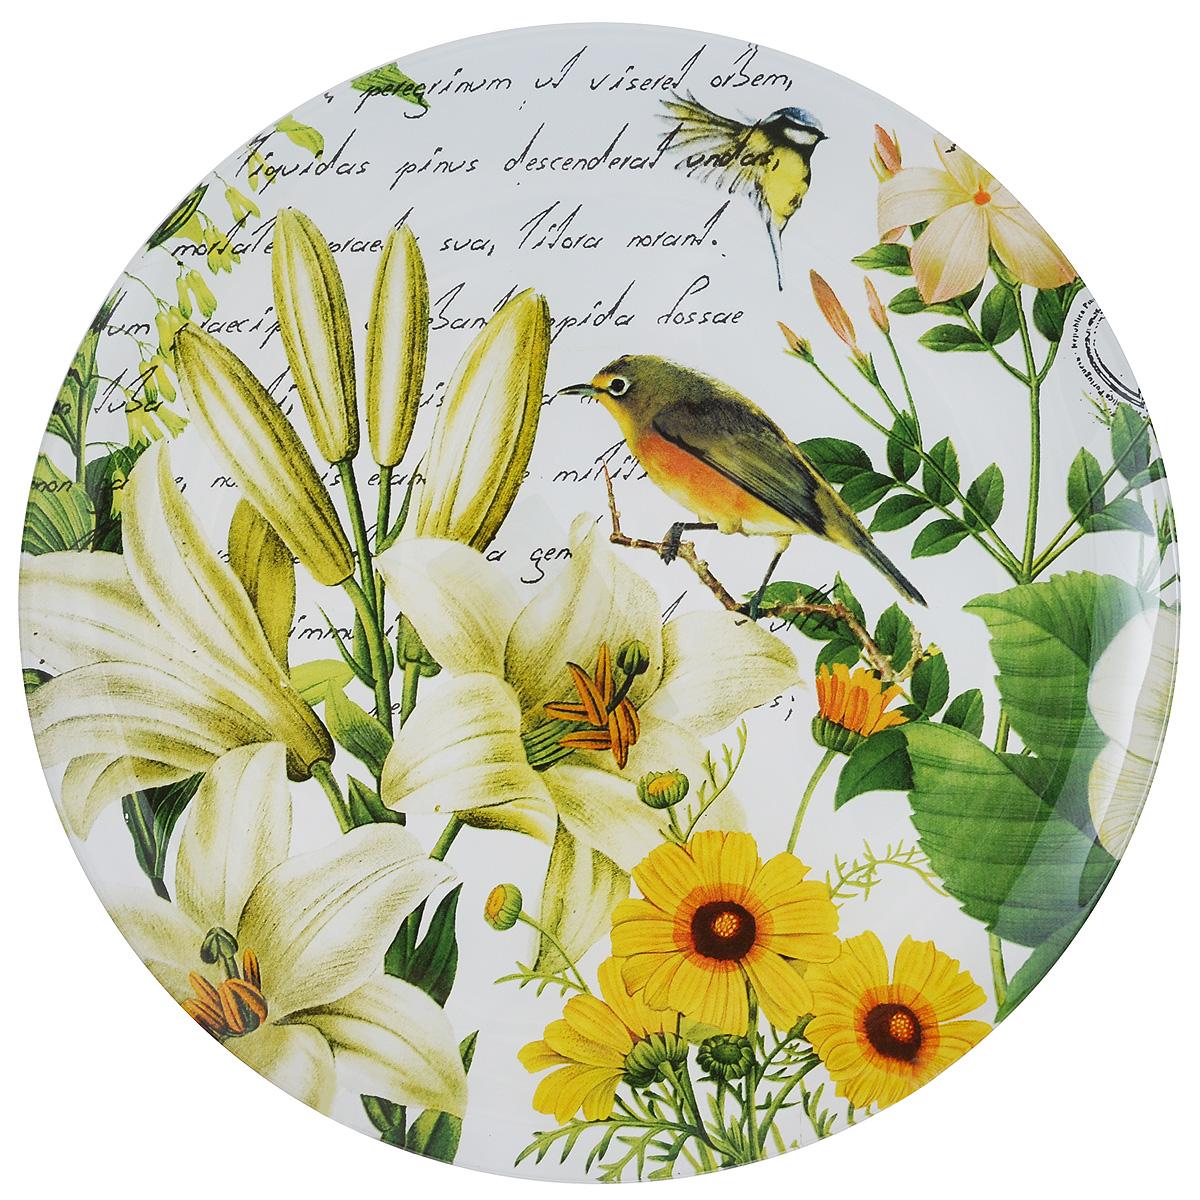 Тарелка Zibo Shelley Роза садовая, диаметр 25 смZSGR3010L076Круглая тарелка Zibo Shelley Роза садовая, изготовленная из стекла, декорирована ярким изображением цветов. Она не только украсит сервировку вашего стола и подчеркнет прекрасный вкус хозяйки, но и станет отличным подарком. Можно использовать в посудомоечной машине и СВЧ. Диаметр: 25 см. Высота: 1,5 см.